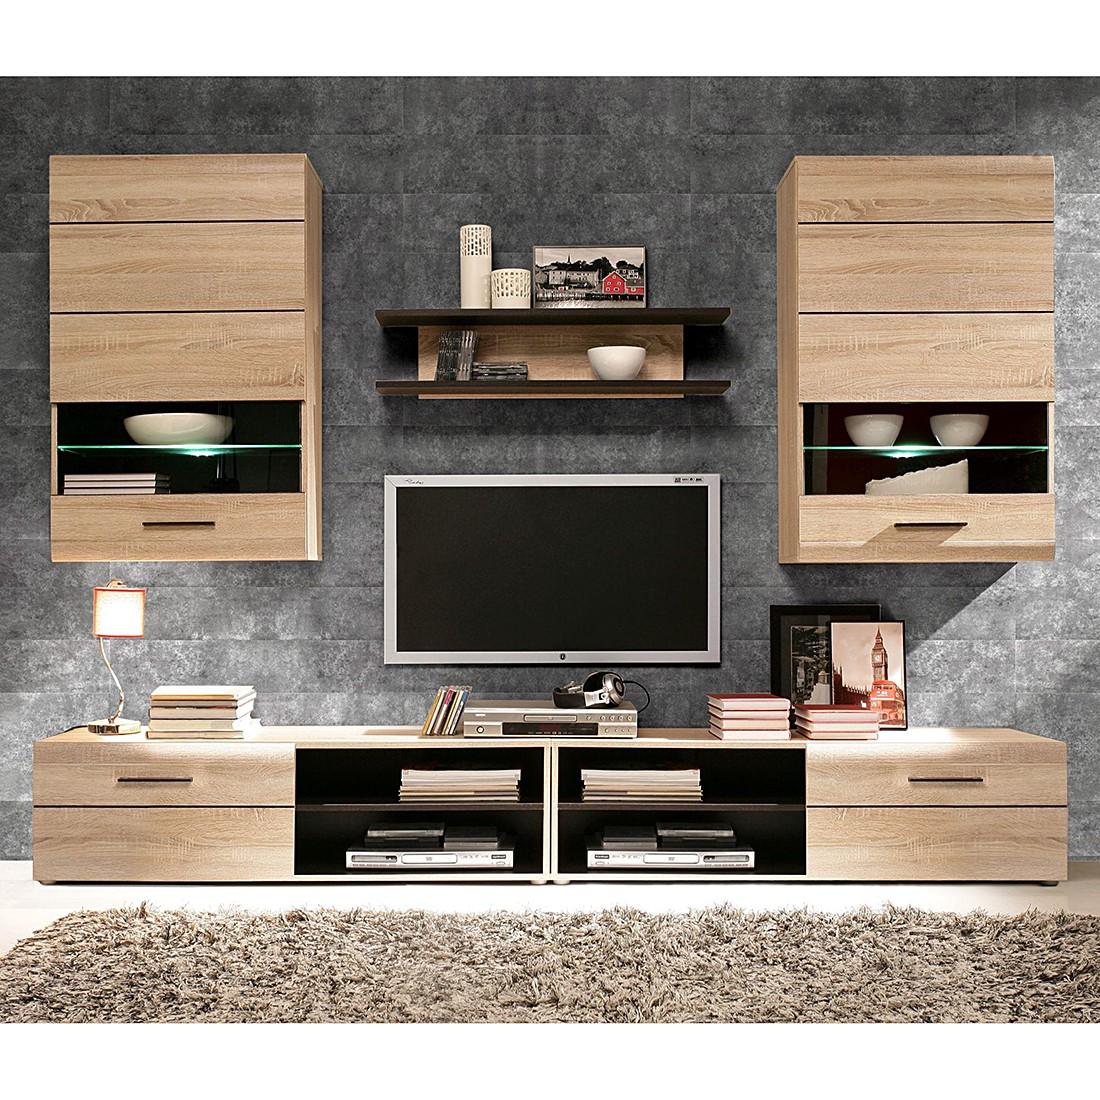 wohnwand nashville 5 teilig sonoma eiche dekor wenge inkl beleuchtung. Black Bedroom Furniture Sets. Home Design Ideas